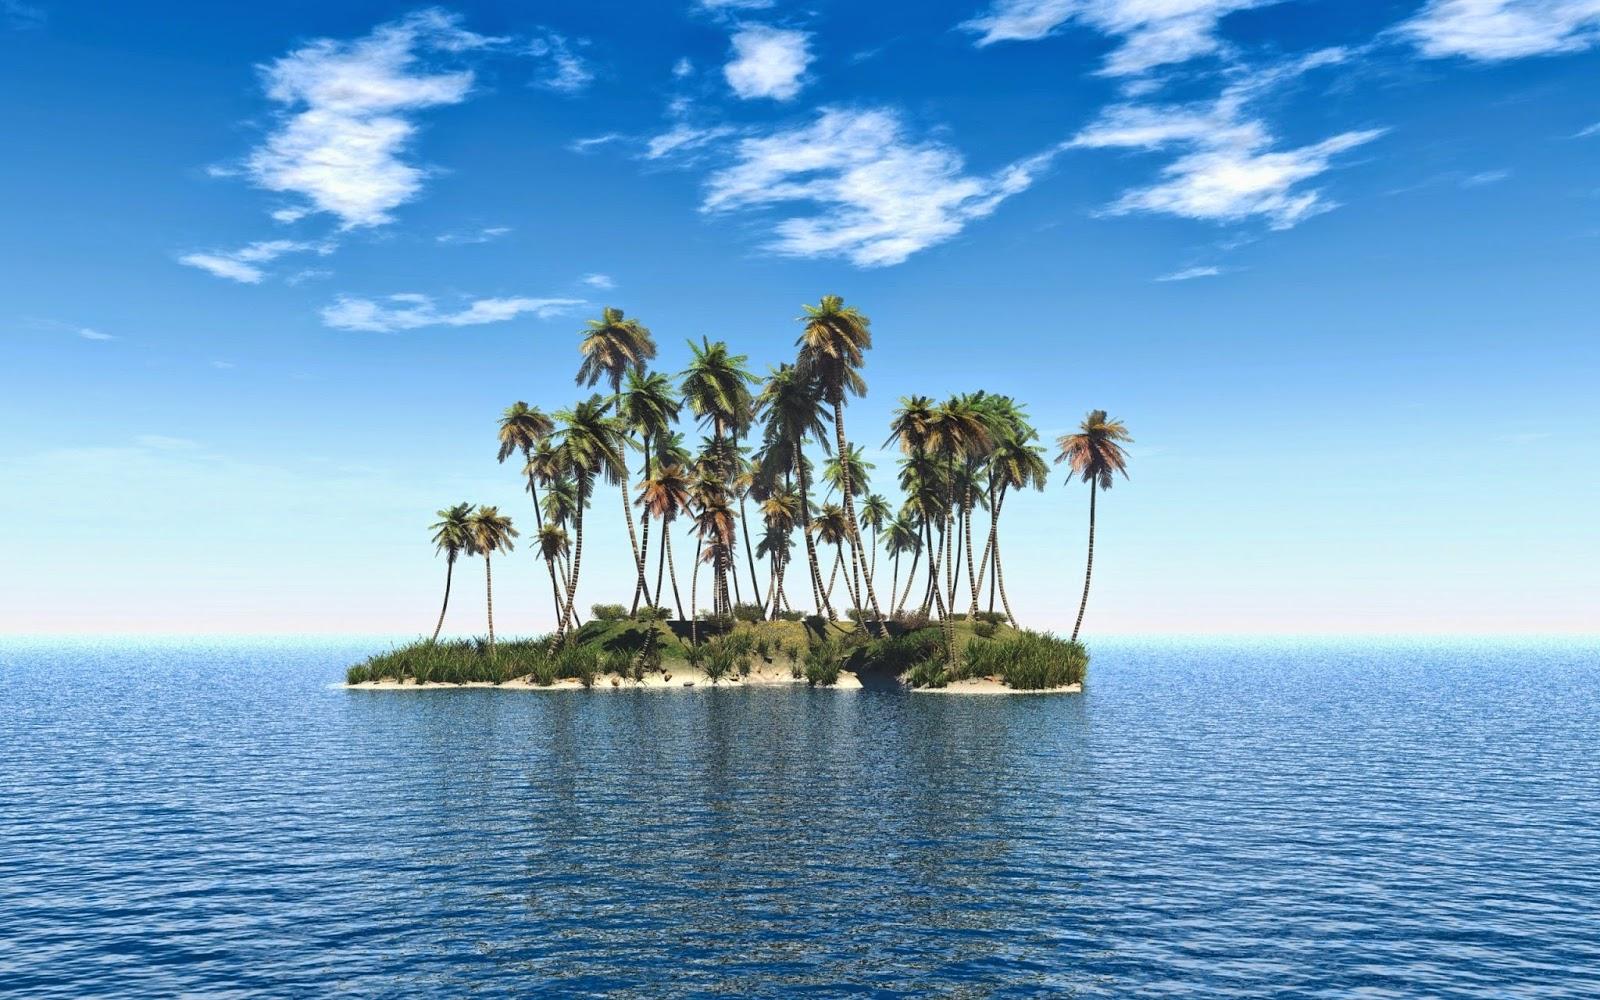 3D Wallpaper met eiland in zee